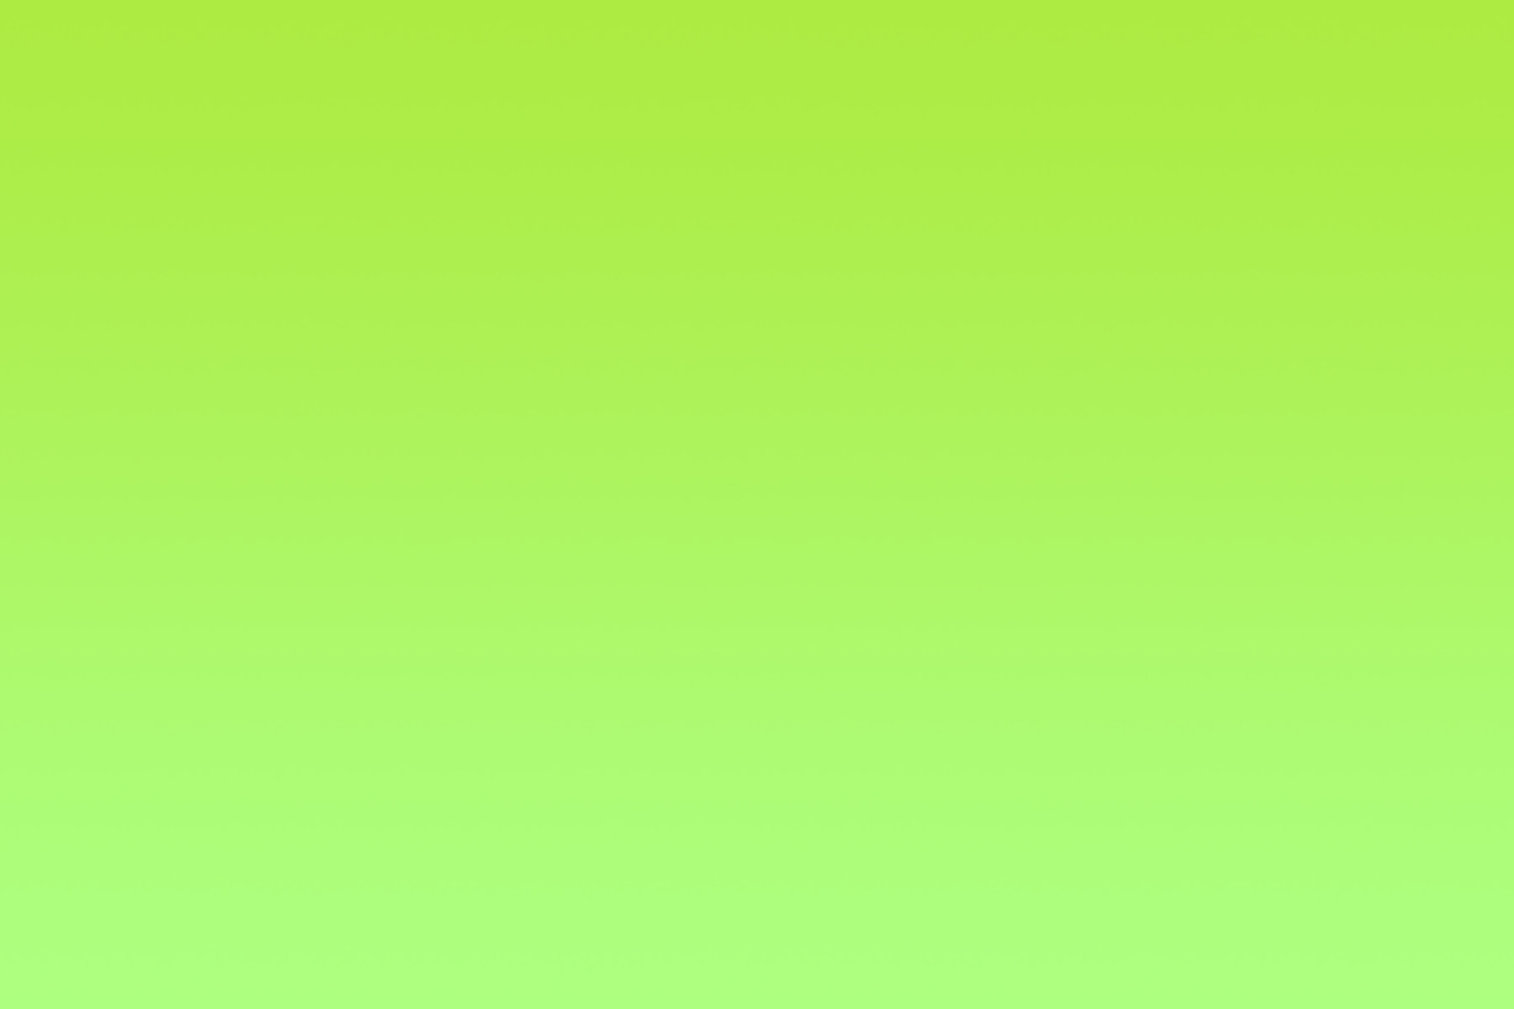 greengradient.jpg